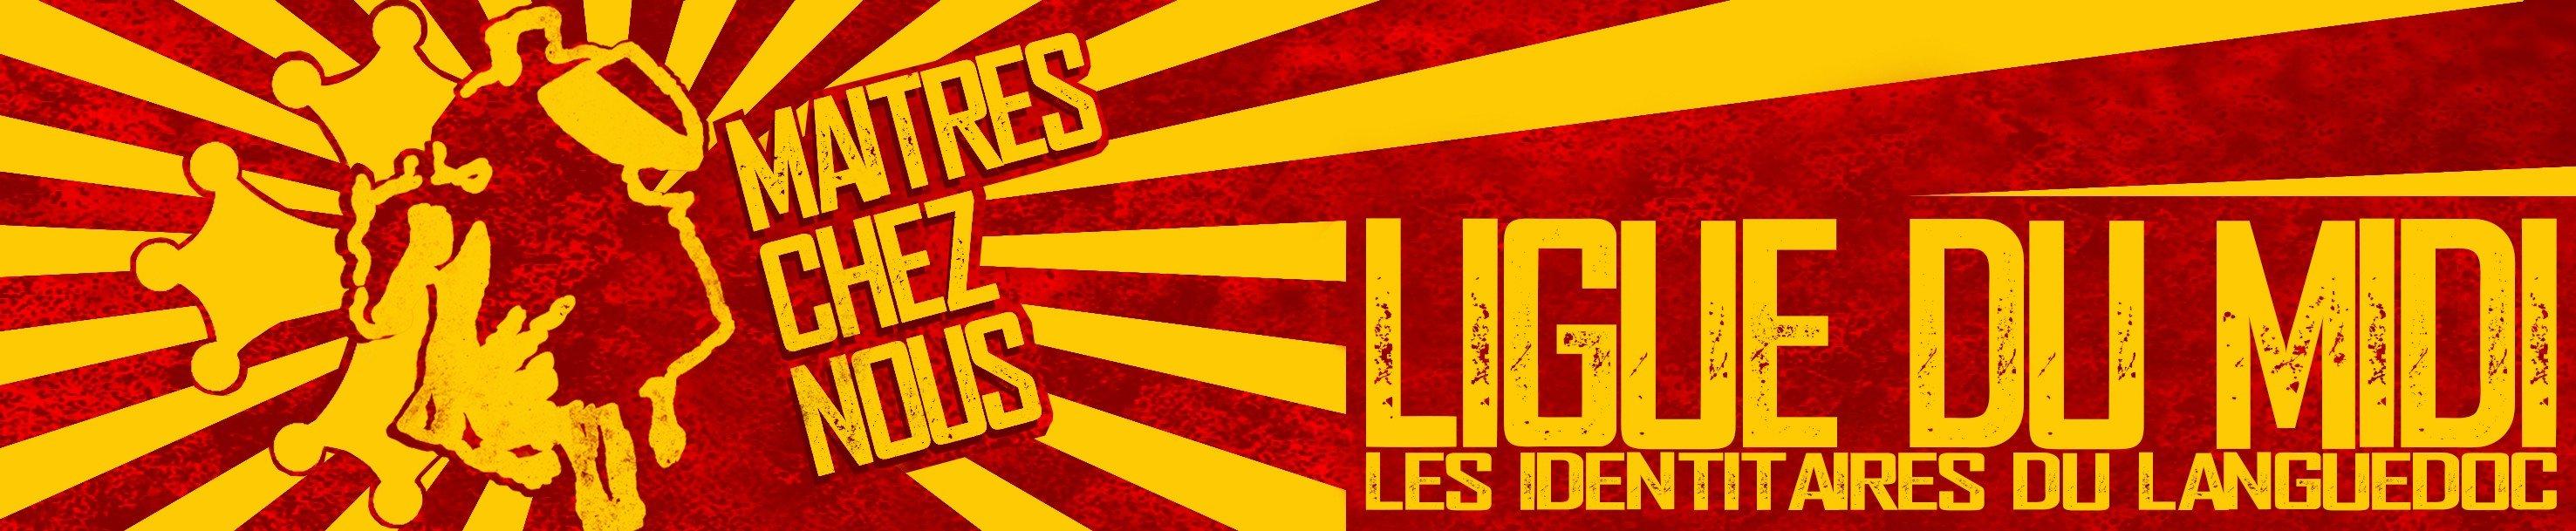 LES ROUDIER PÈRE & FILS EN DANGER  Communiqué de la Ligue du Midi